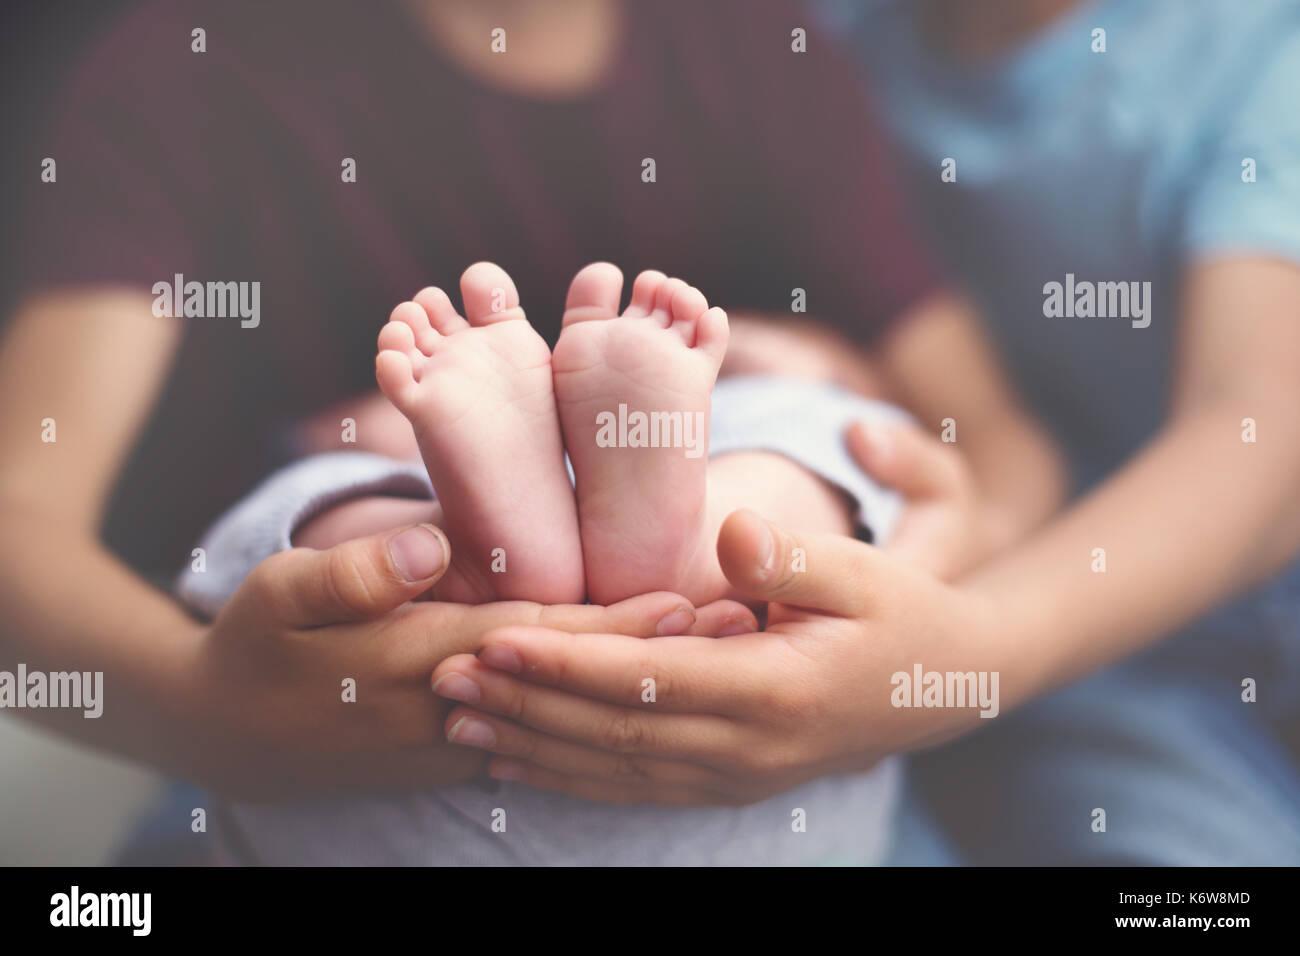 Los bebés pequeños pies en manos de los hermanos, dos niños manteniendo sus pies en manos de los hermanos del bebé Foto de stock